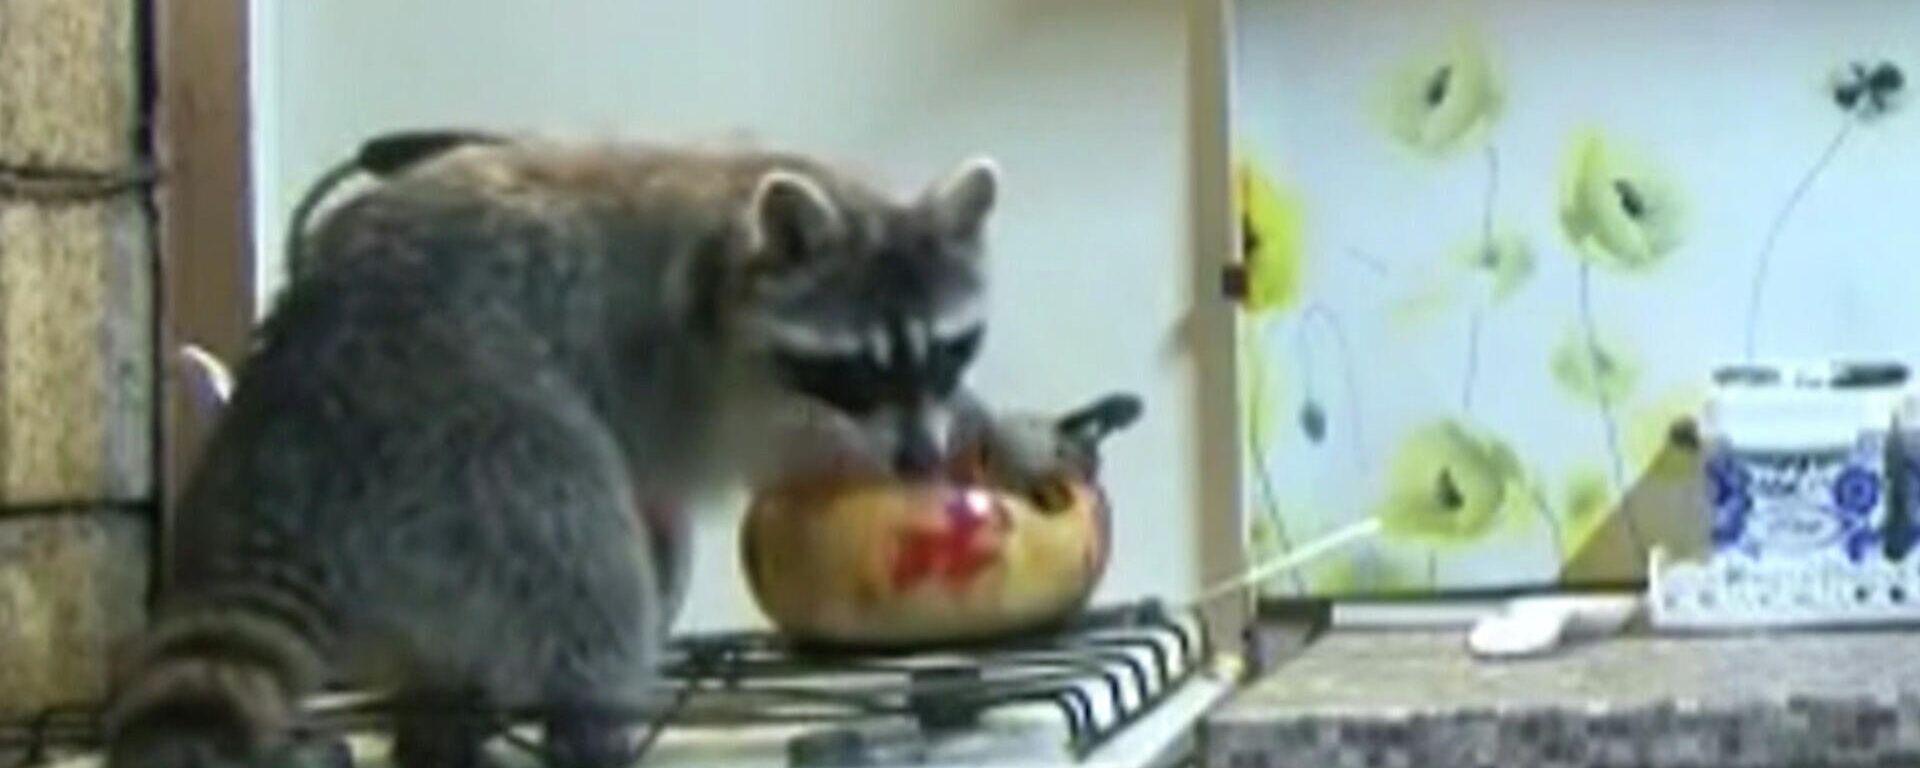 Πεινασμένος εισβολέας: Ρακούν μπαίνει κάθε βράδυ σε σπίτι και καθαρίζει την κουζίνα  - Sputnik Ελλάδα, 1920, 12.06.2021